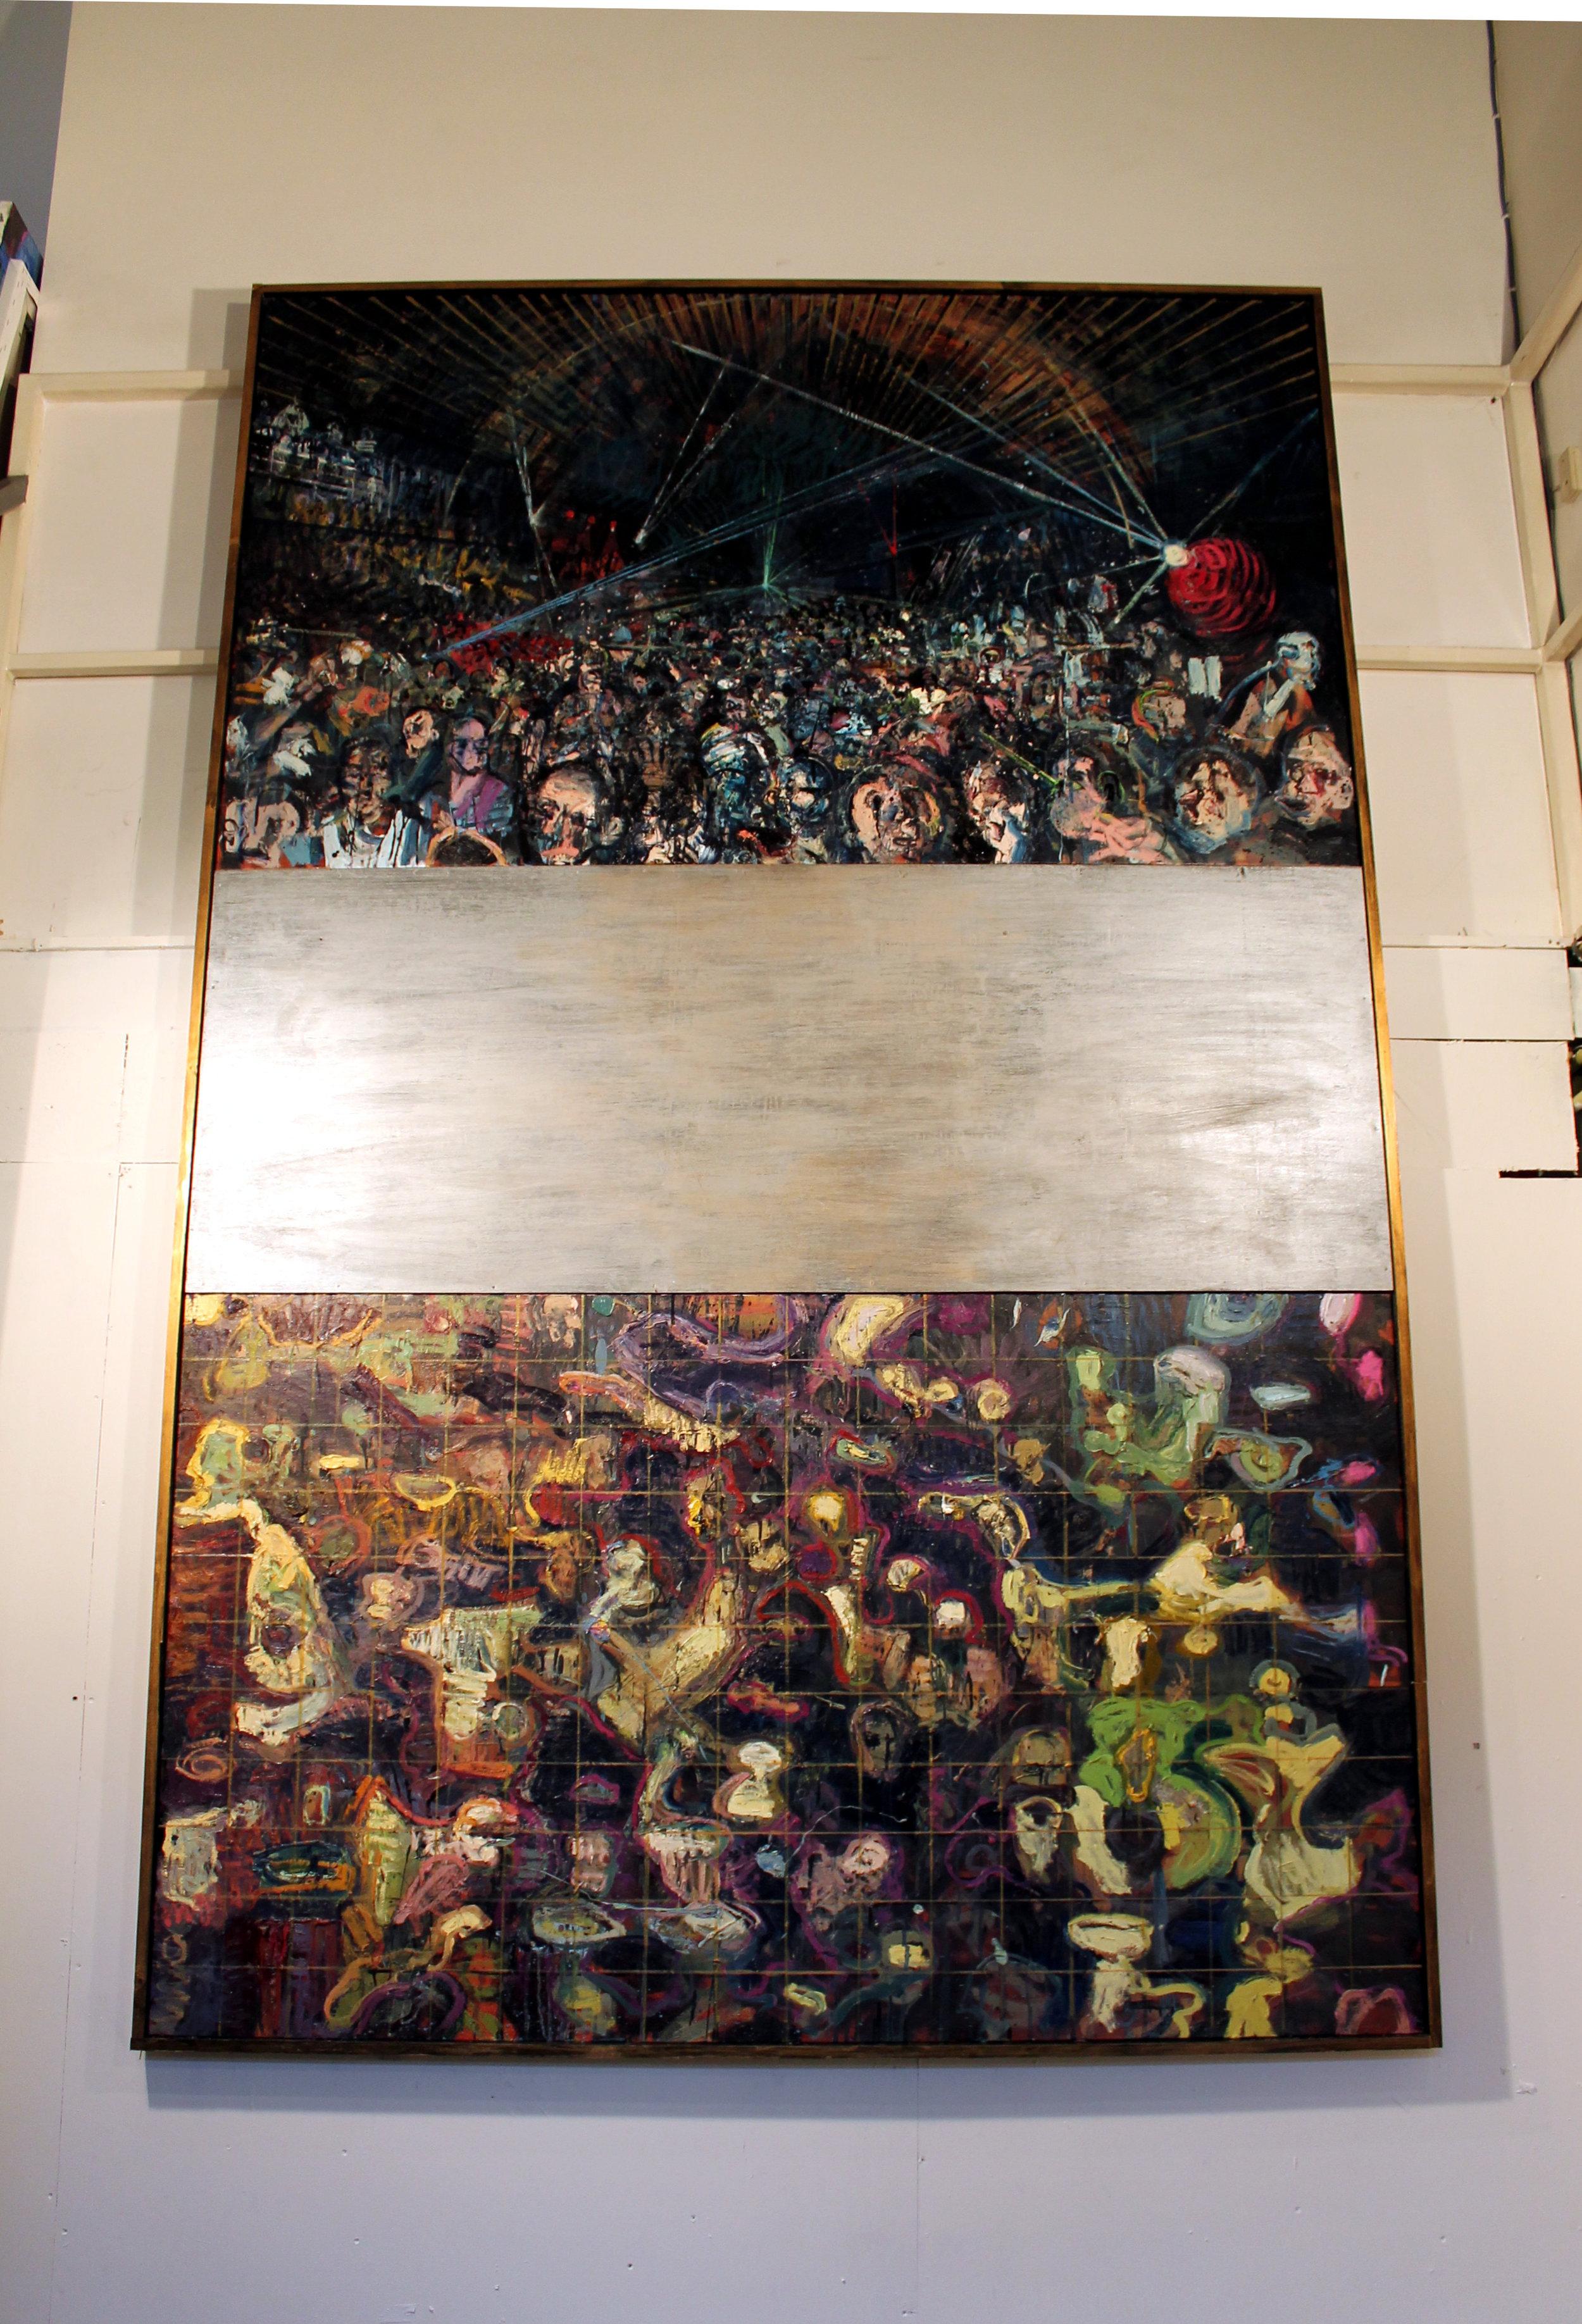 3. Nightclub, oil on canvas and board, 180 x 300 cm, 2017.jpg